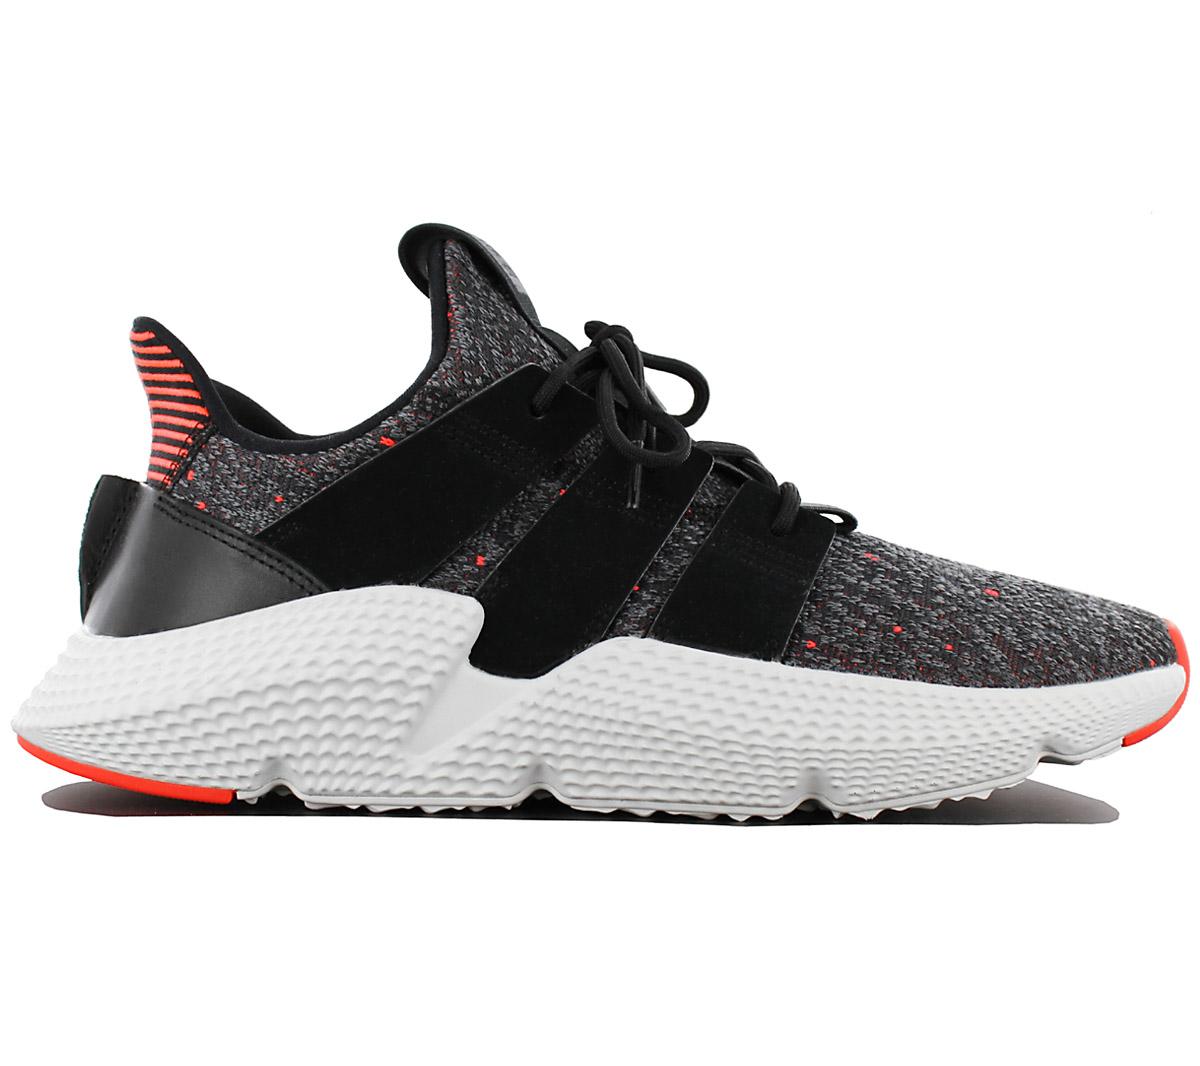 Adidas Originals zapatos prophere zapatilla hombre  zapatos Originals zapatillas negro nuevo 430212